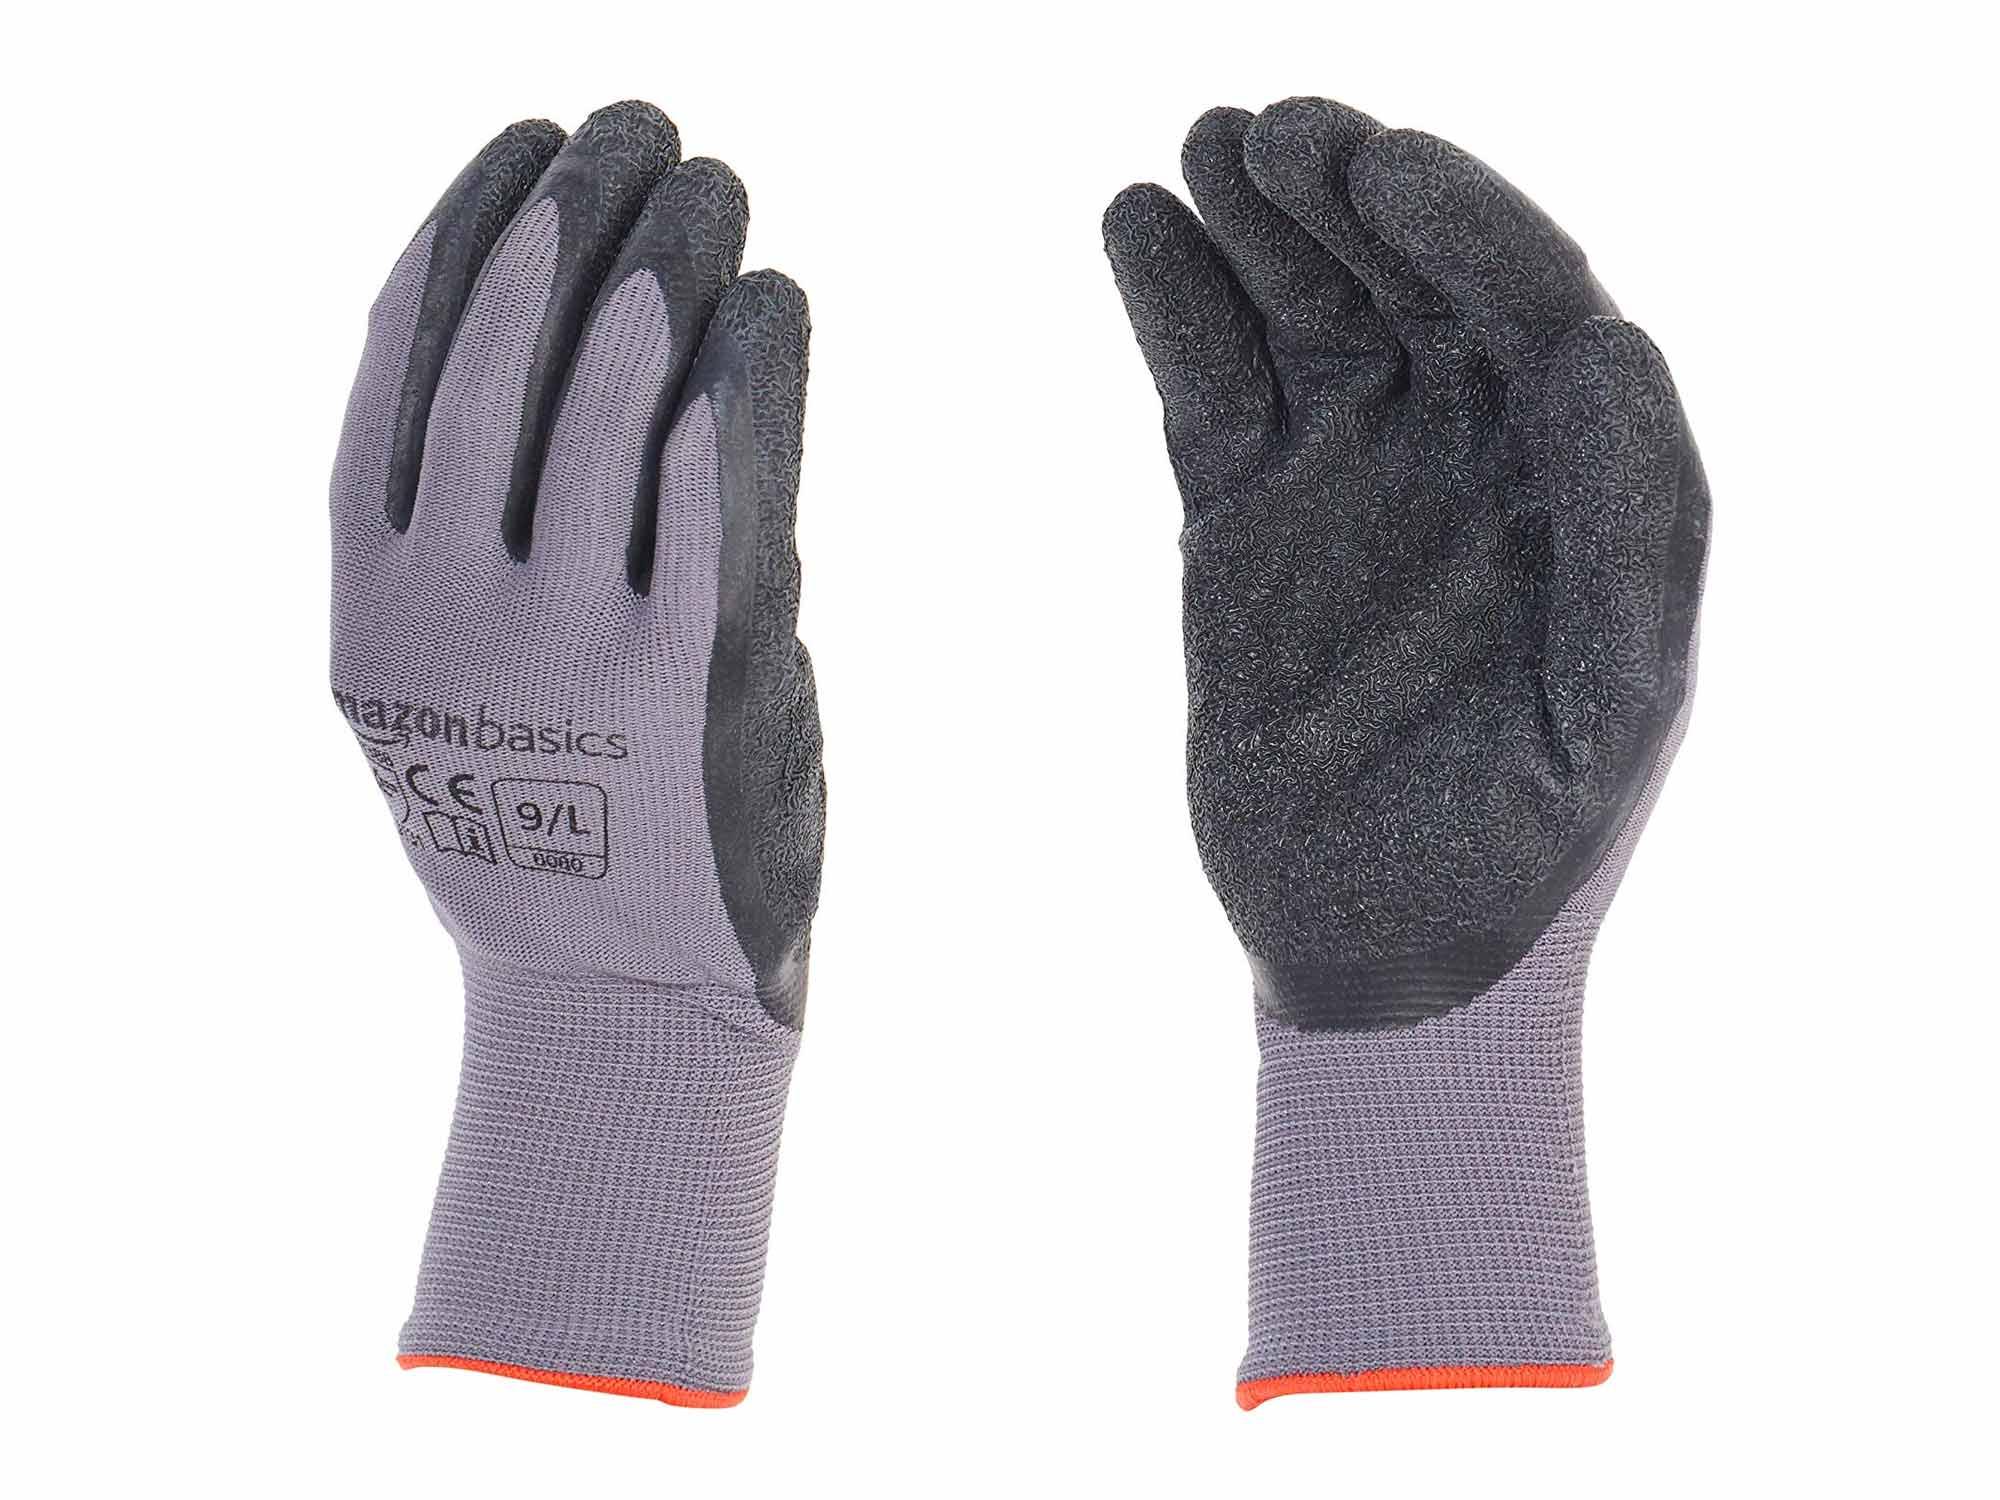 AmazonBasics Latex Coated Work Gloves